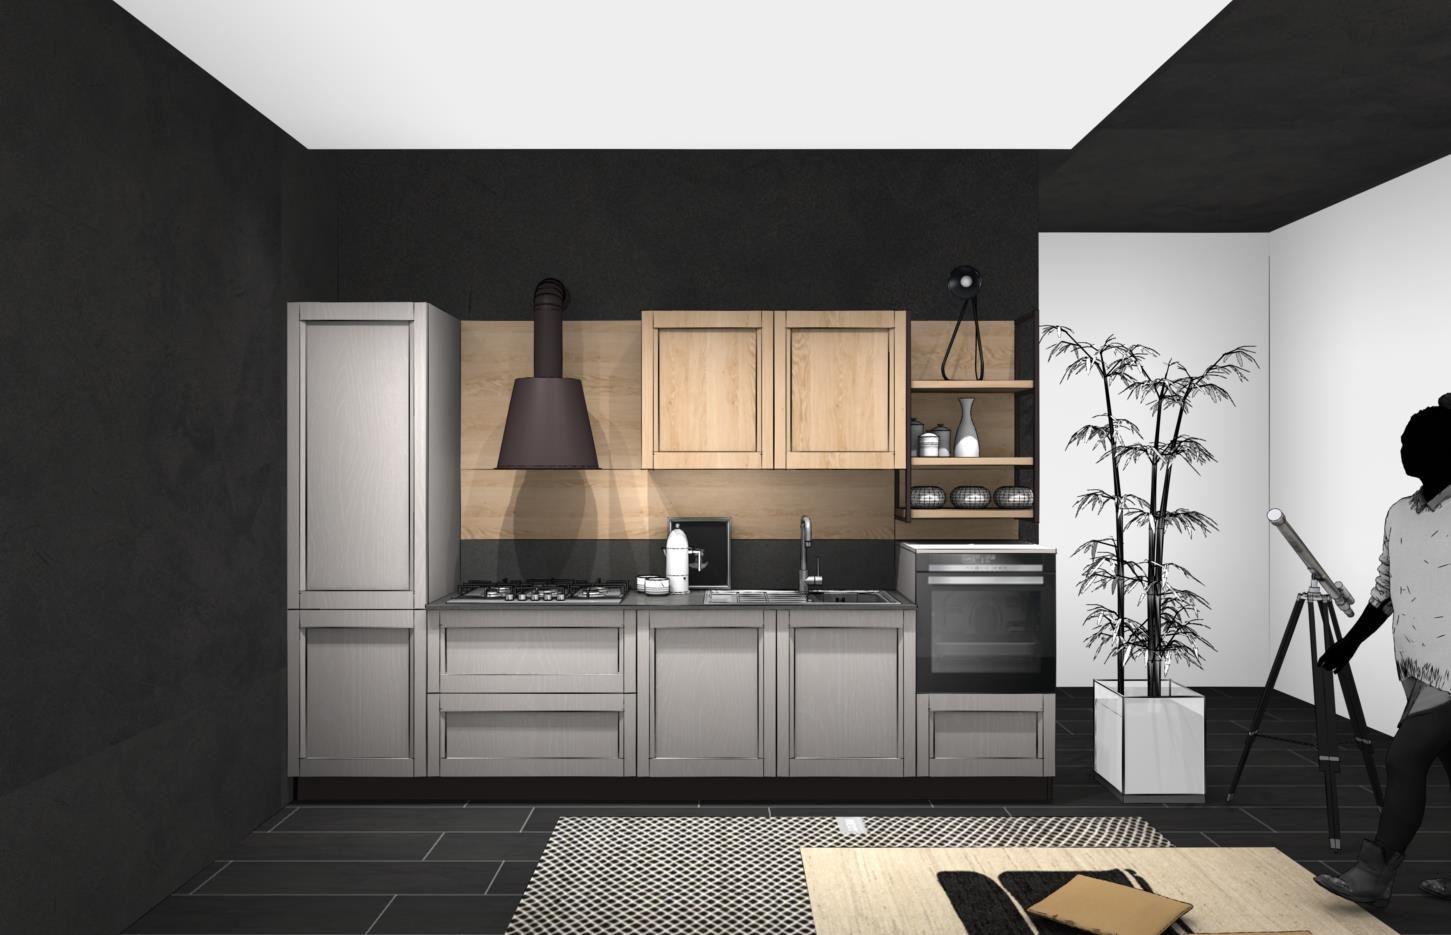 Configuratore Cucine On Line Arredamenti Meneghello Cucine Su Misura